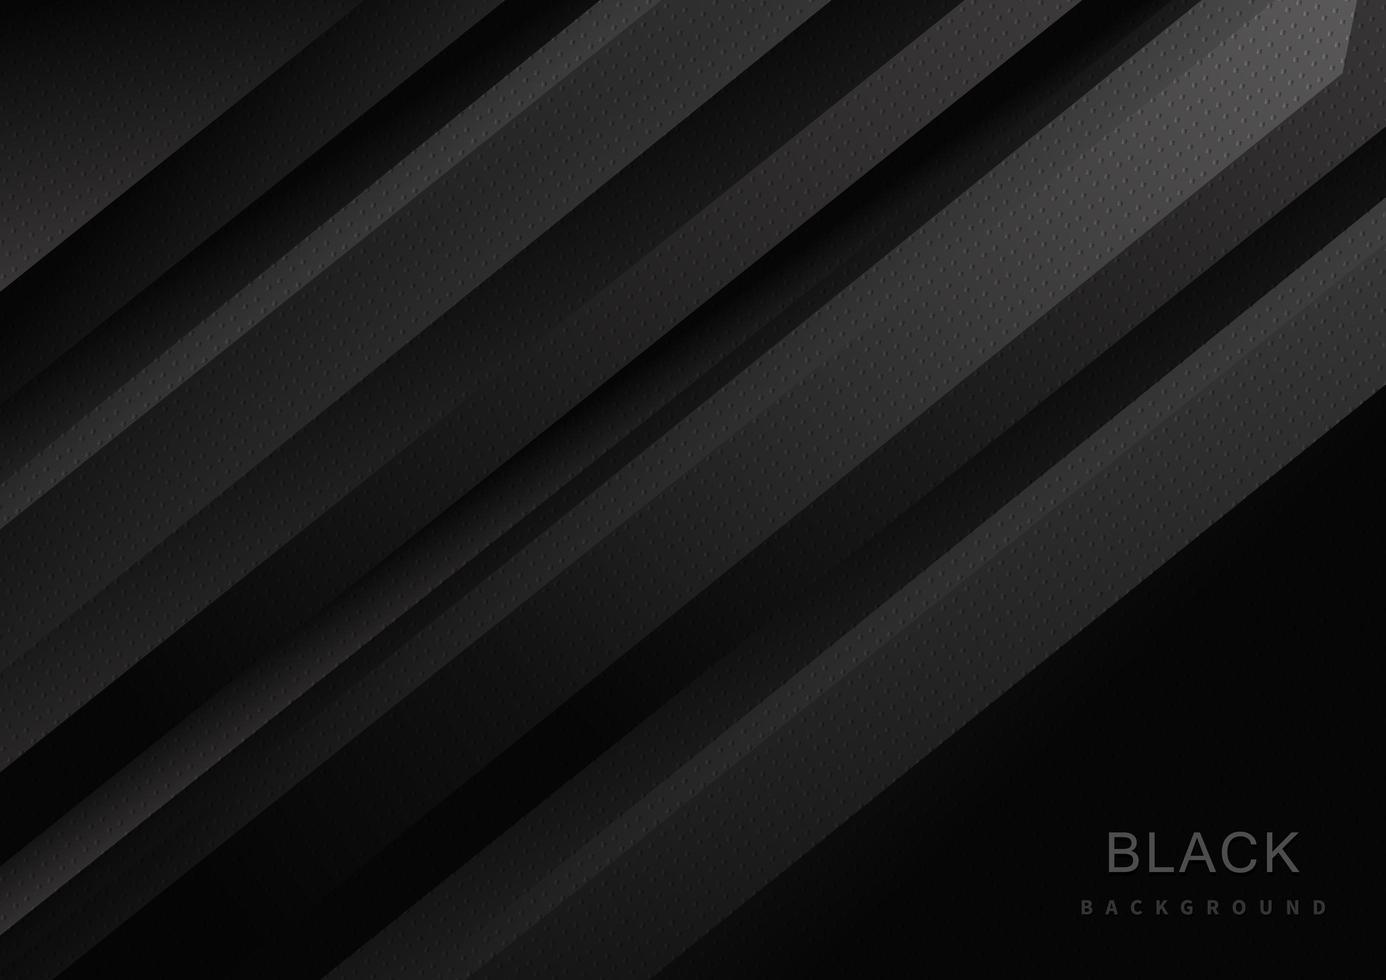 sfondo nero moderno astratto con strisce diagonali vettore